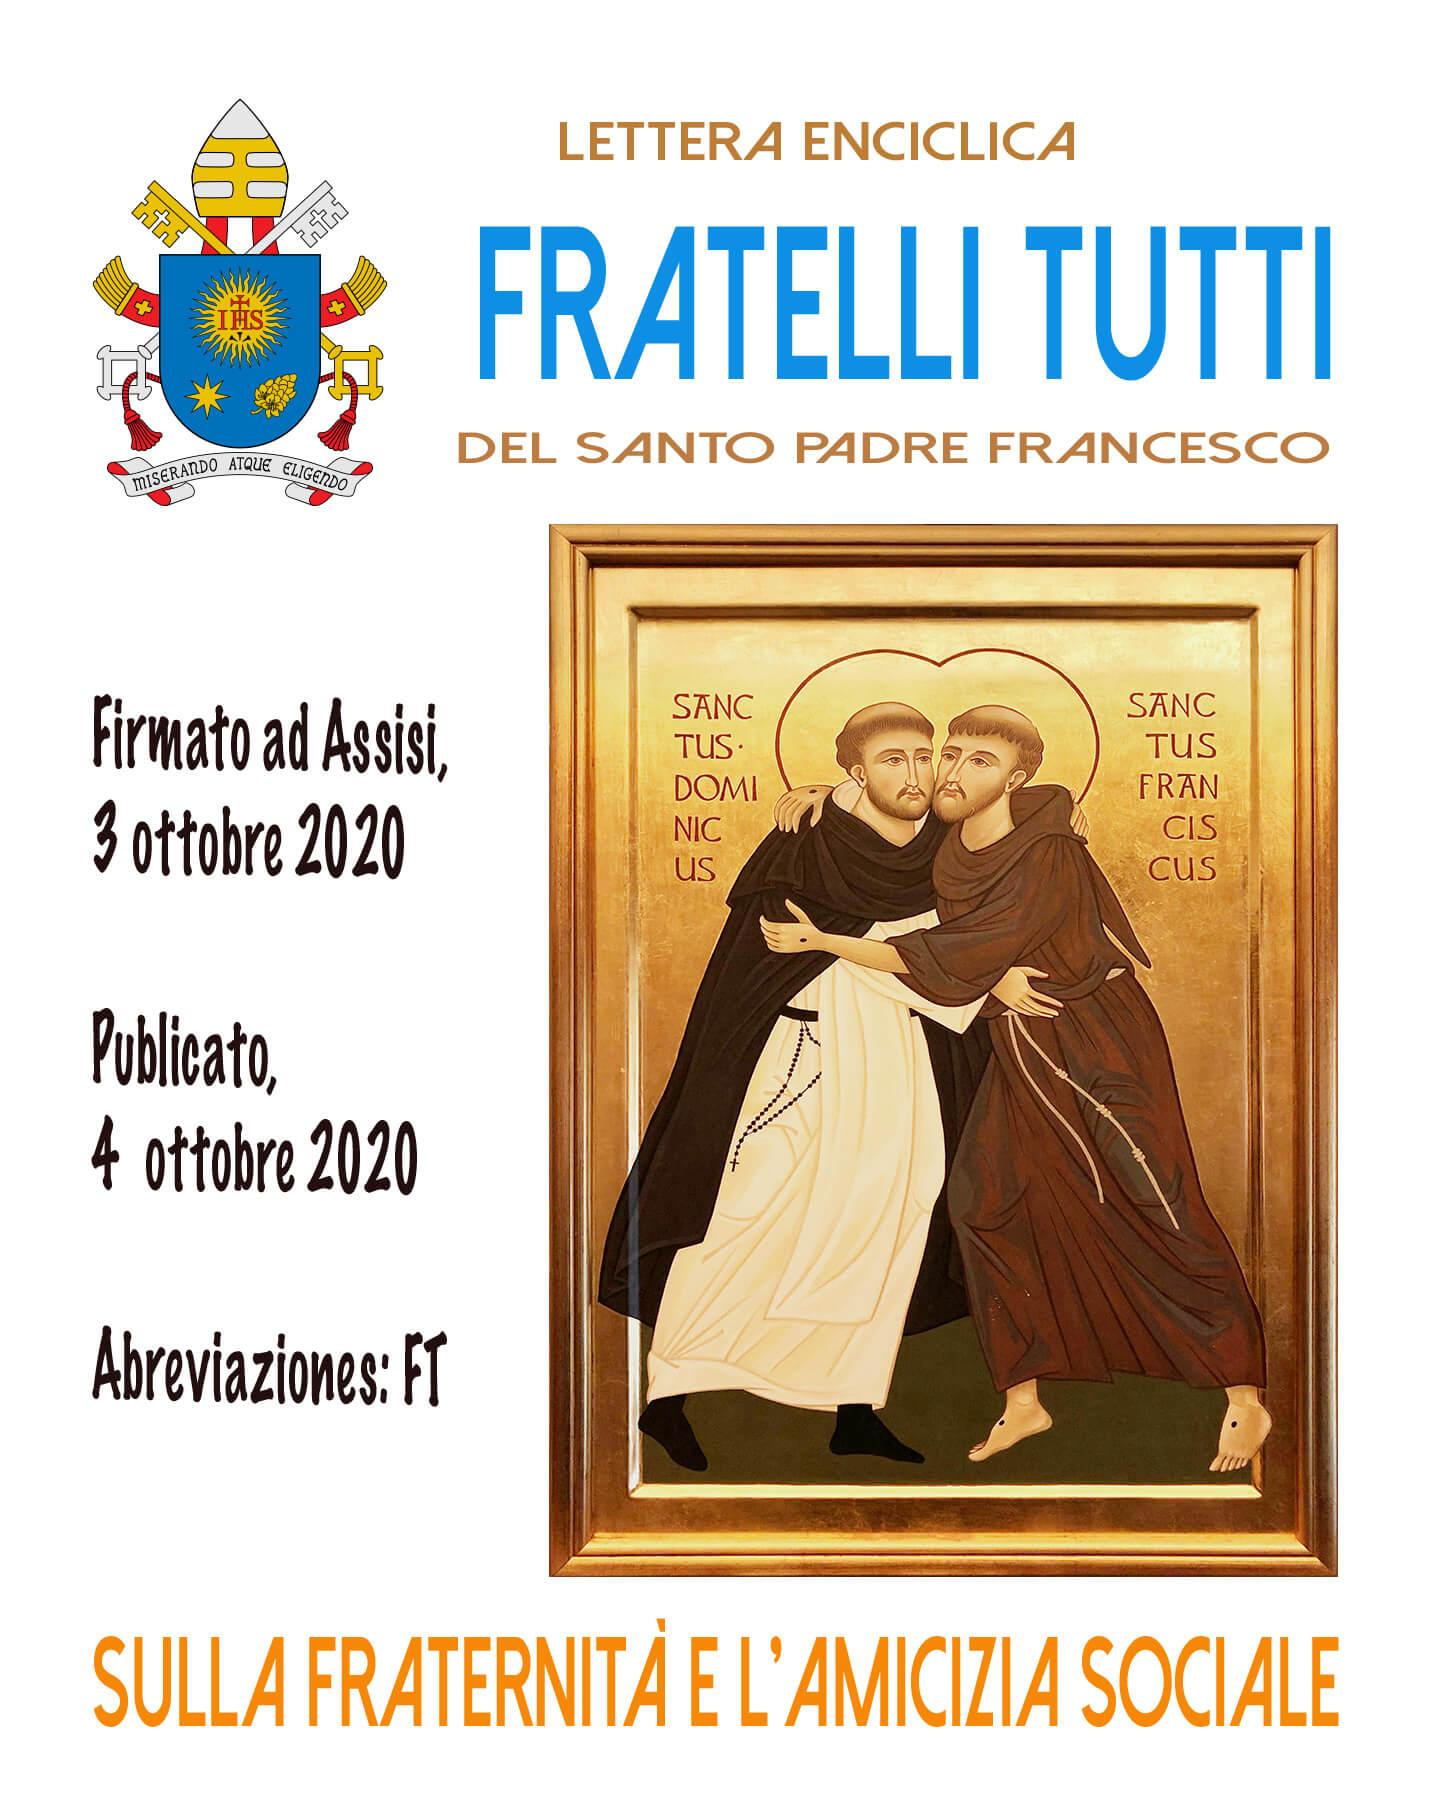 Dans Fratelli Tutti, le pape François souligne que la fraternité et l'amitié dans la société sont les moyens de construire un monde meilleur, plus juste et plus pacifique.